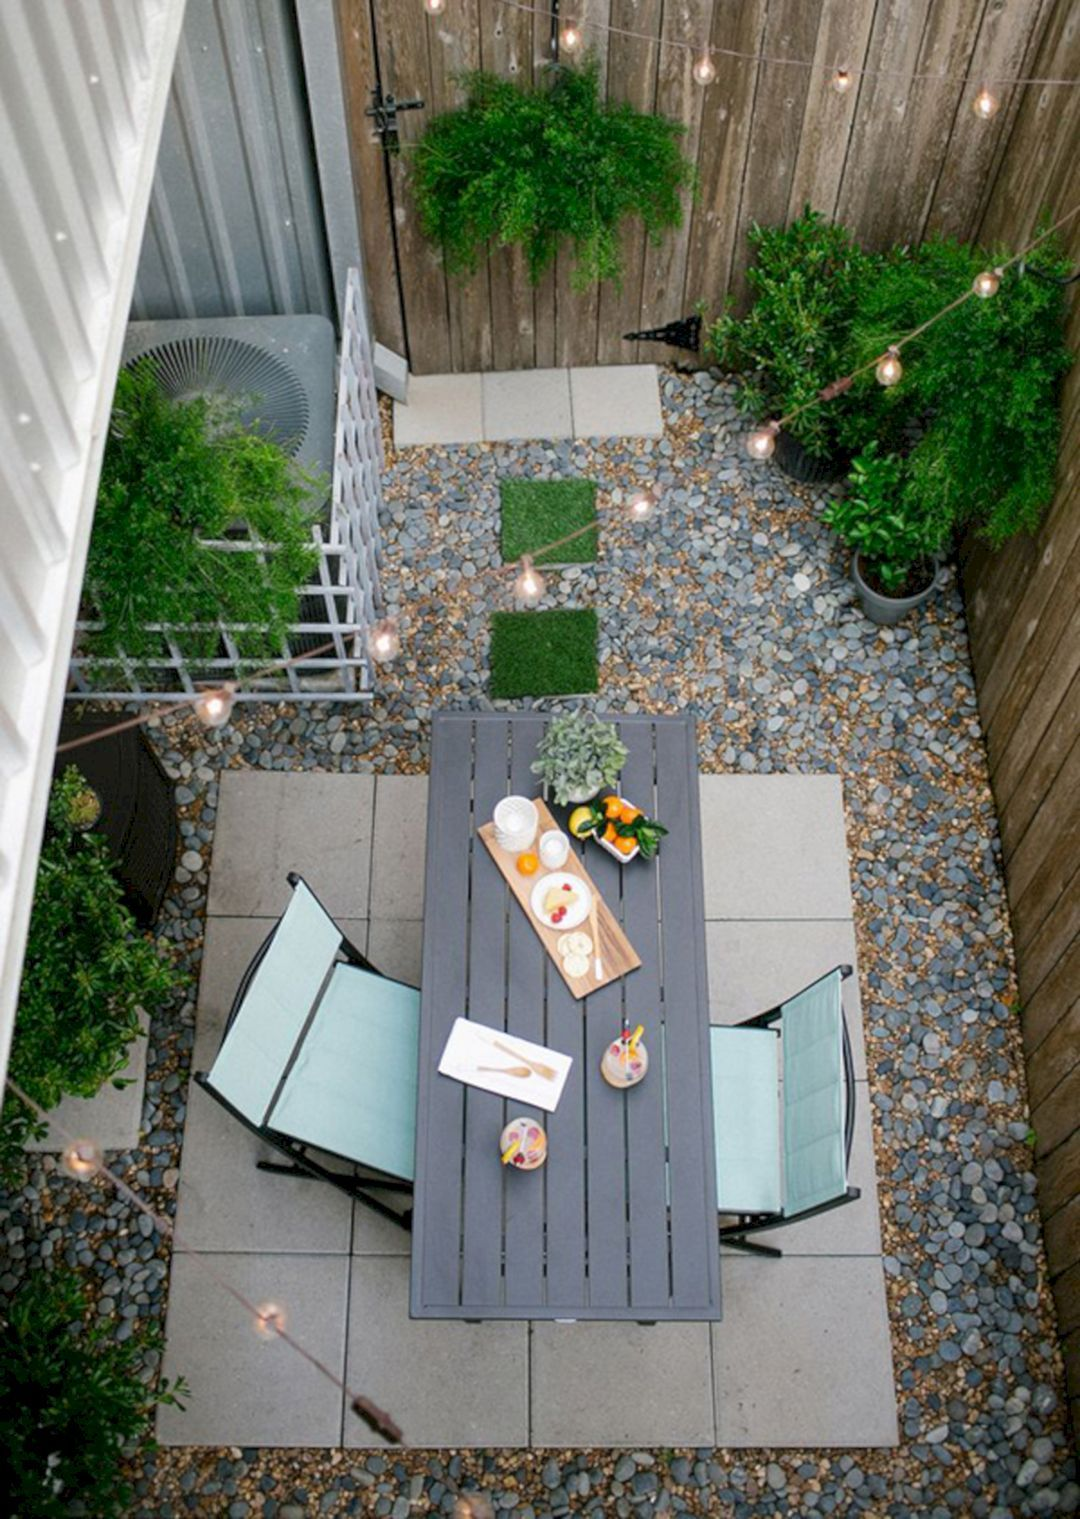 Epic Gorgeous 20 DIY Backyard Patio Ideas to Increase Your Backyard Garden https://freshouz.com/gorgeous-20-diy-backyard-patio-ideas-to-increase-your-backyard-garden/ #home #decor #Farmhouse #Rustic